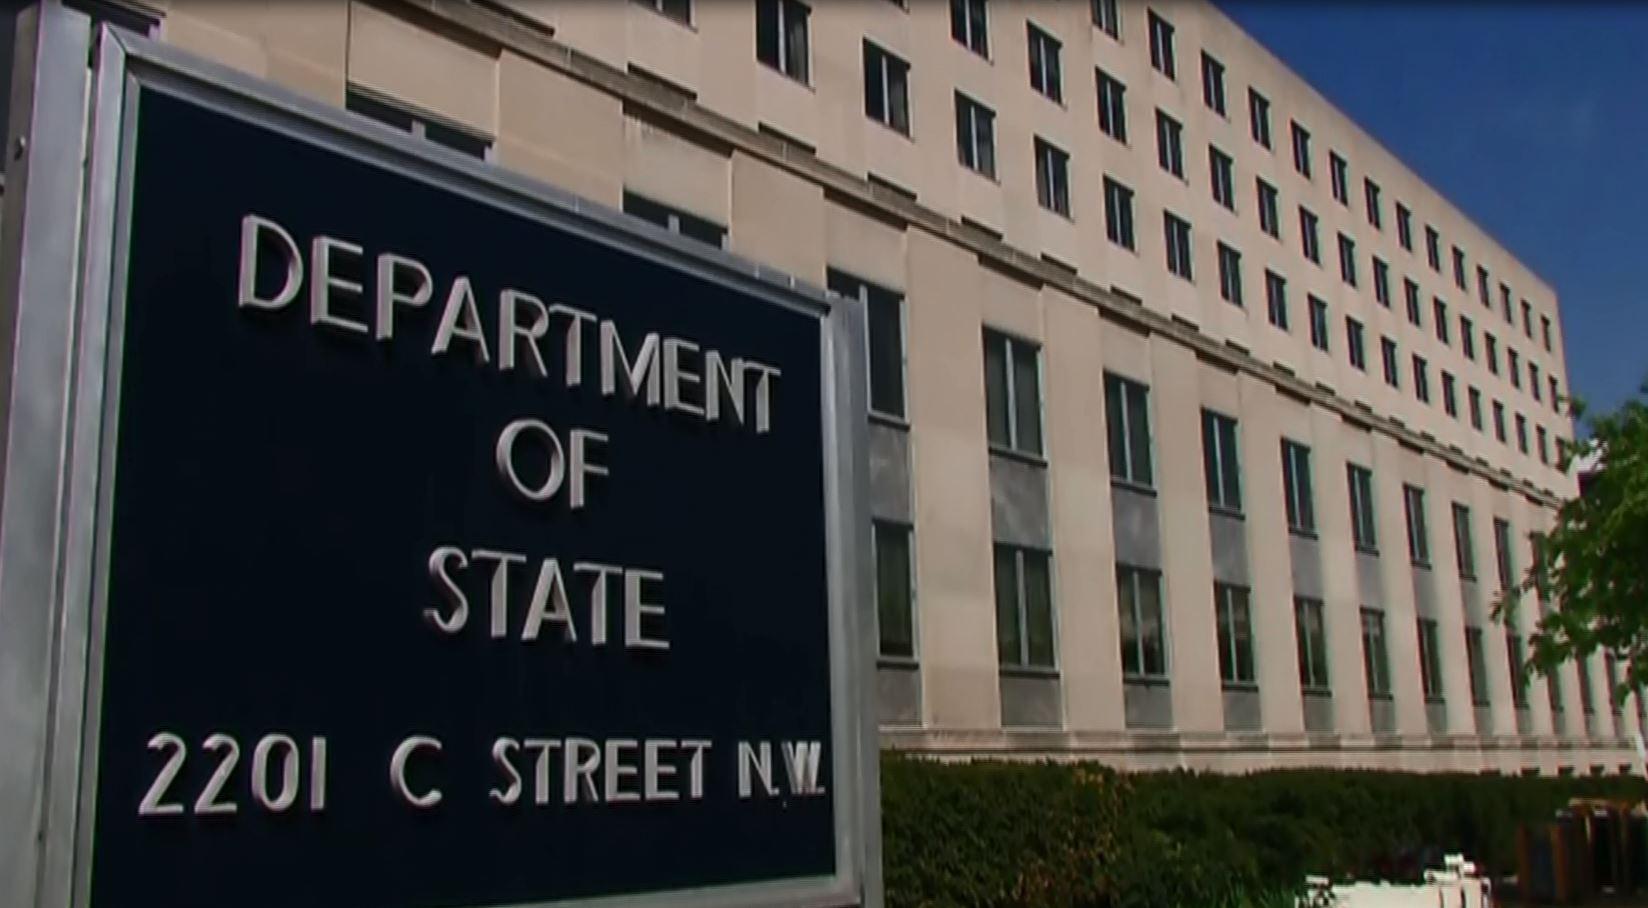 РФ заявила об отказе военным в визах США для участия в конференции ООН